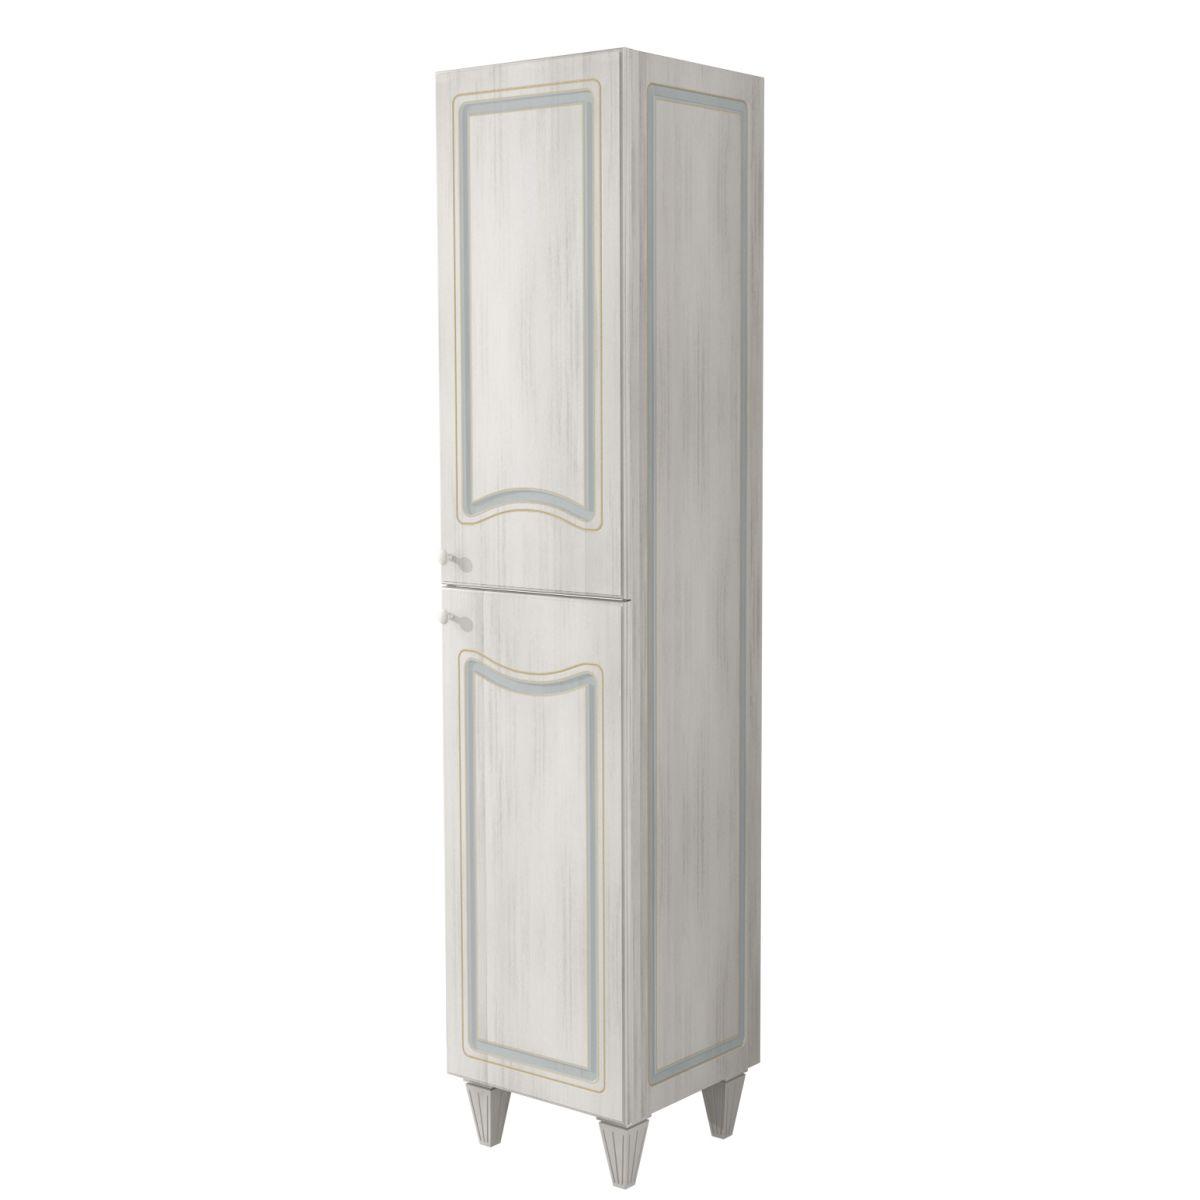 colonna caravaggio bianco 2 ante l 40 x h 182 x p 36 cm: prezzi e ... - Arredo Bagno Caravaggio